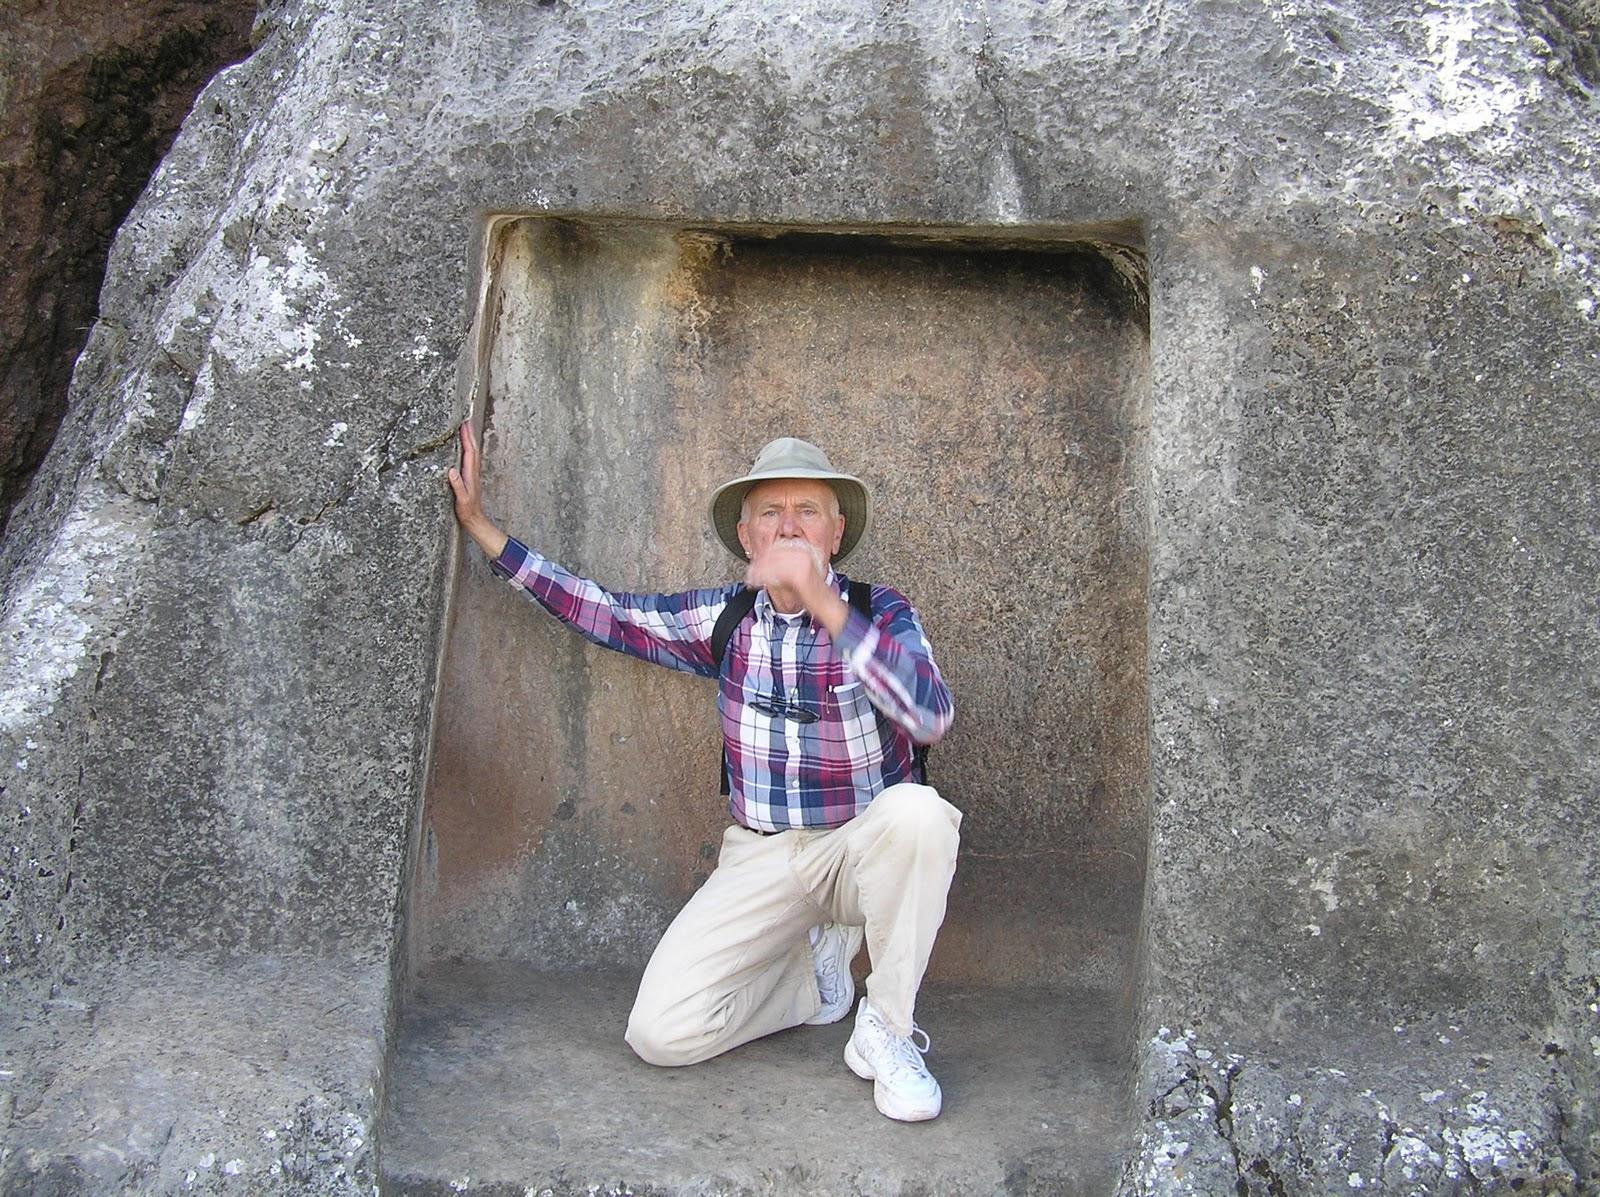 http://2.bp.blogspot.com/_hXwMKiq11iw/TDTwUCR0JLI/AAAAAAAACEU/6Qoqv_GocrY/s1600/hmansacrafice.JPG